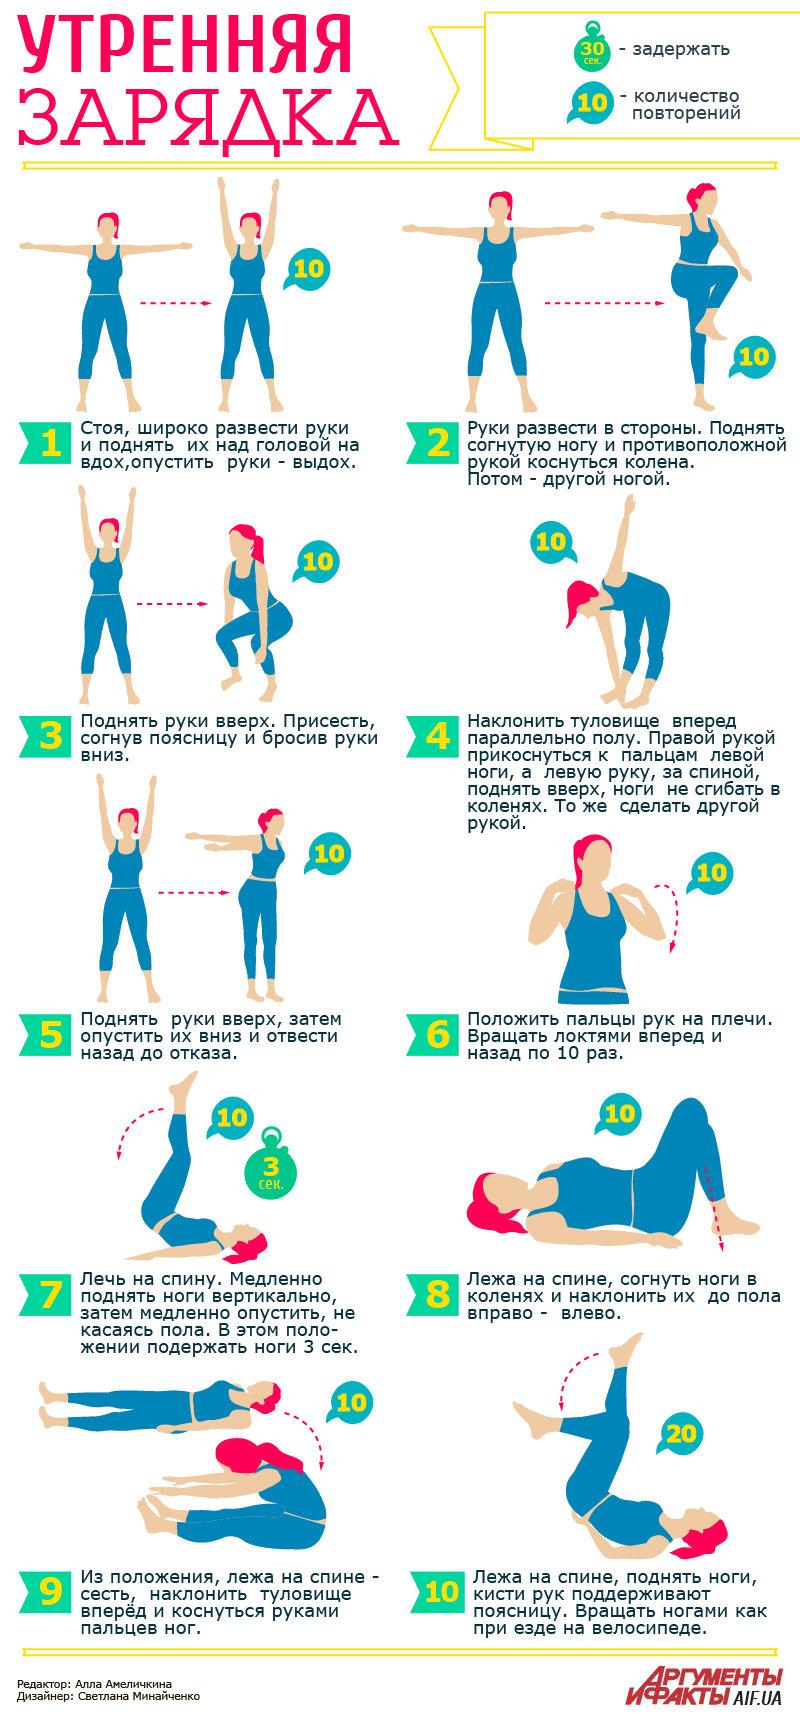 Утренние упражнения для мужчин в домашних условиях 490